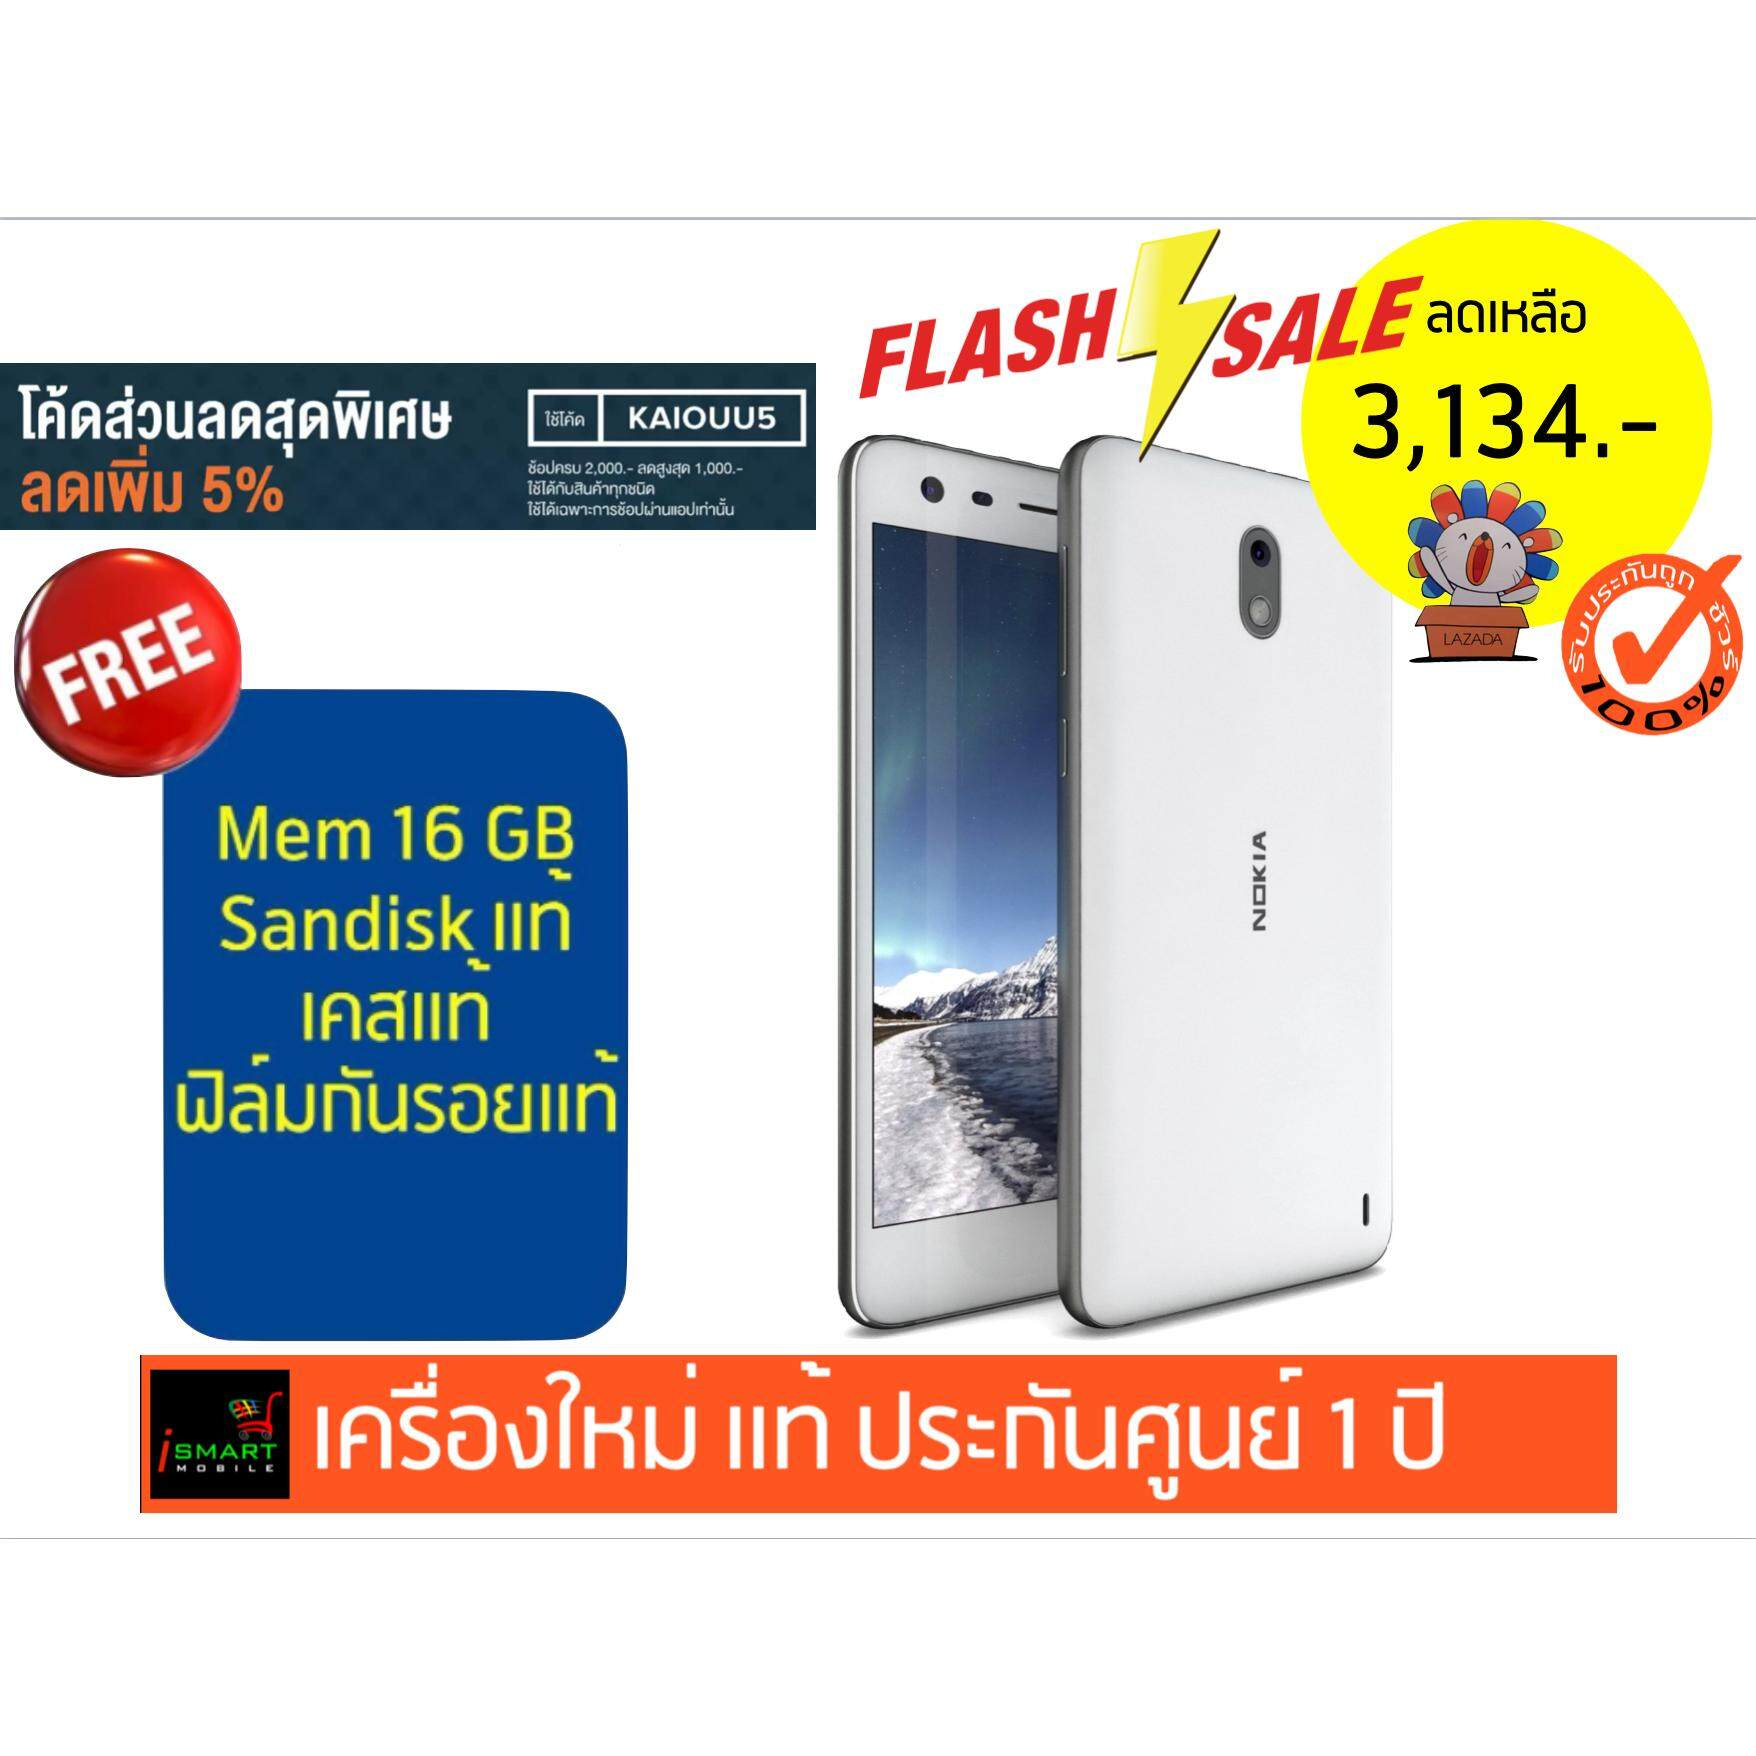 Nokia 2 ลดเหลือ 3,239 บาท กดโค๊ต  รับฟรี เมม 16 GB+เคสแท้+ฟิล์มกันรอยแท้+ชุดหูฟังแท้ในกล่อง ส่งฟรี!